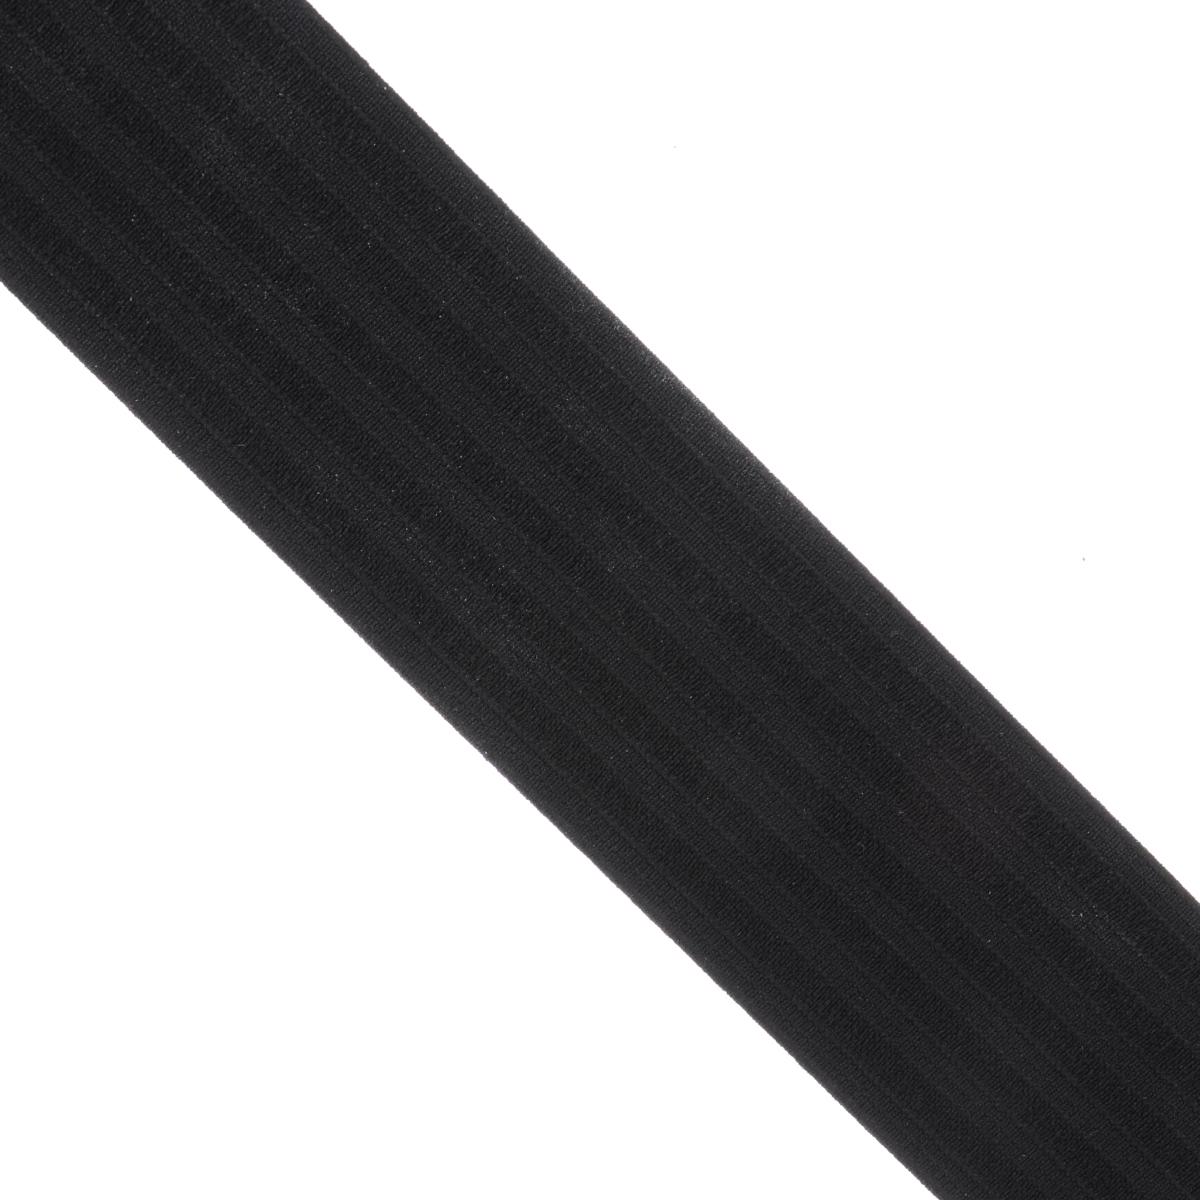 Лента эластичная Prym, для уплотнения шва, цвет: черный, ширина 2 см, длина 10 мRSP-202SЭластичная лента Prym предназначена для уплотнения шва. Выполнена из полиэстера (80%) и эластомера (20%). Ткань прочная, стабильная, облегчает равномерное притачивание внутренней отделки.Длина ленты: 10 м.Ширина ленты: 2 см.